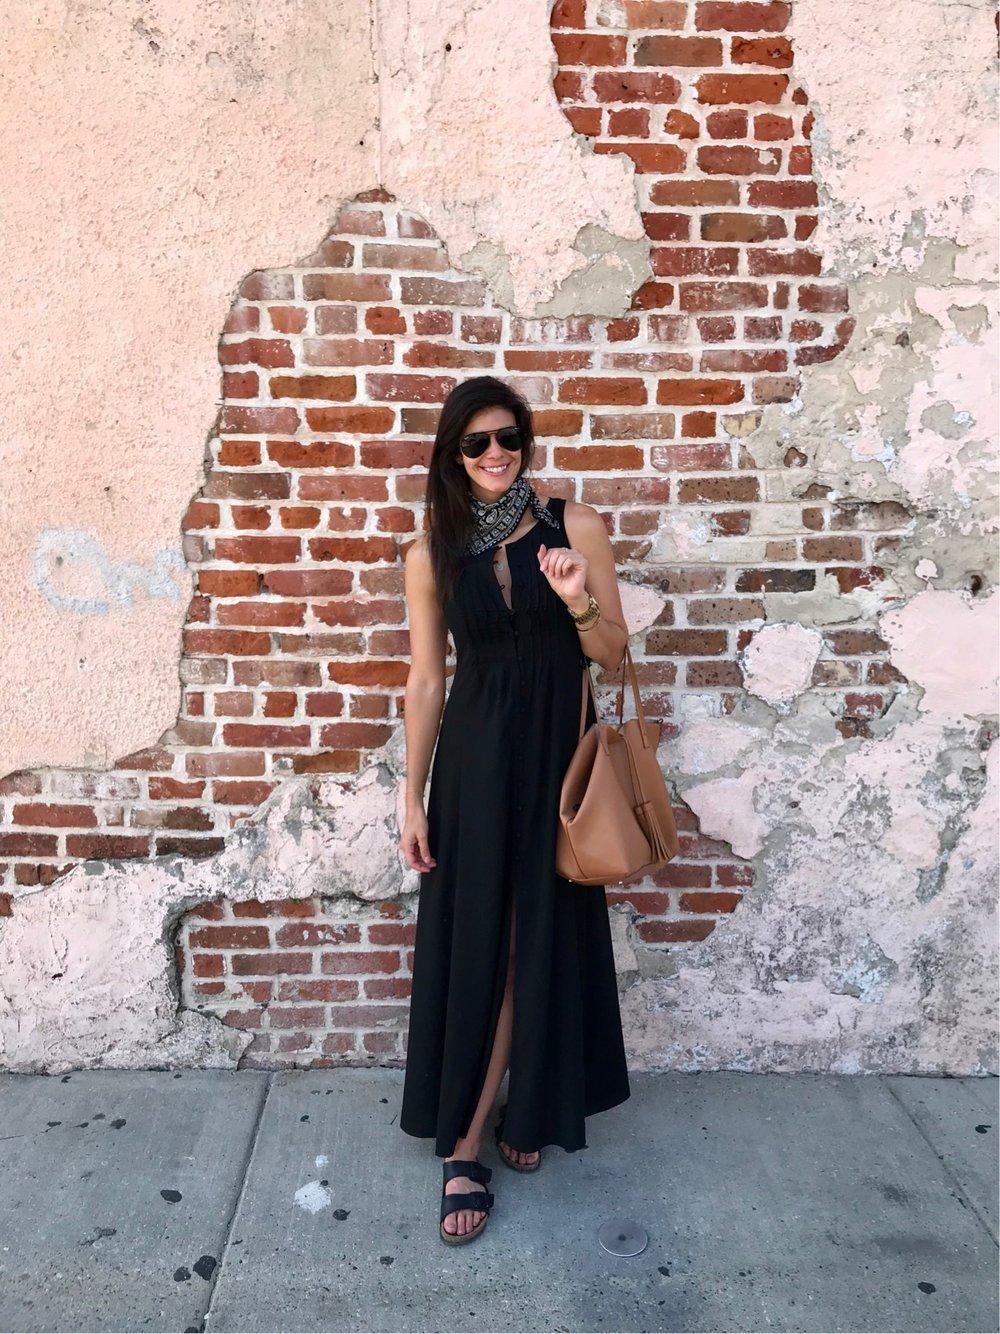 lauren-schwaiger-style-blogger-casual-chic-summer-style.jpg